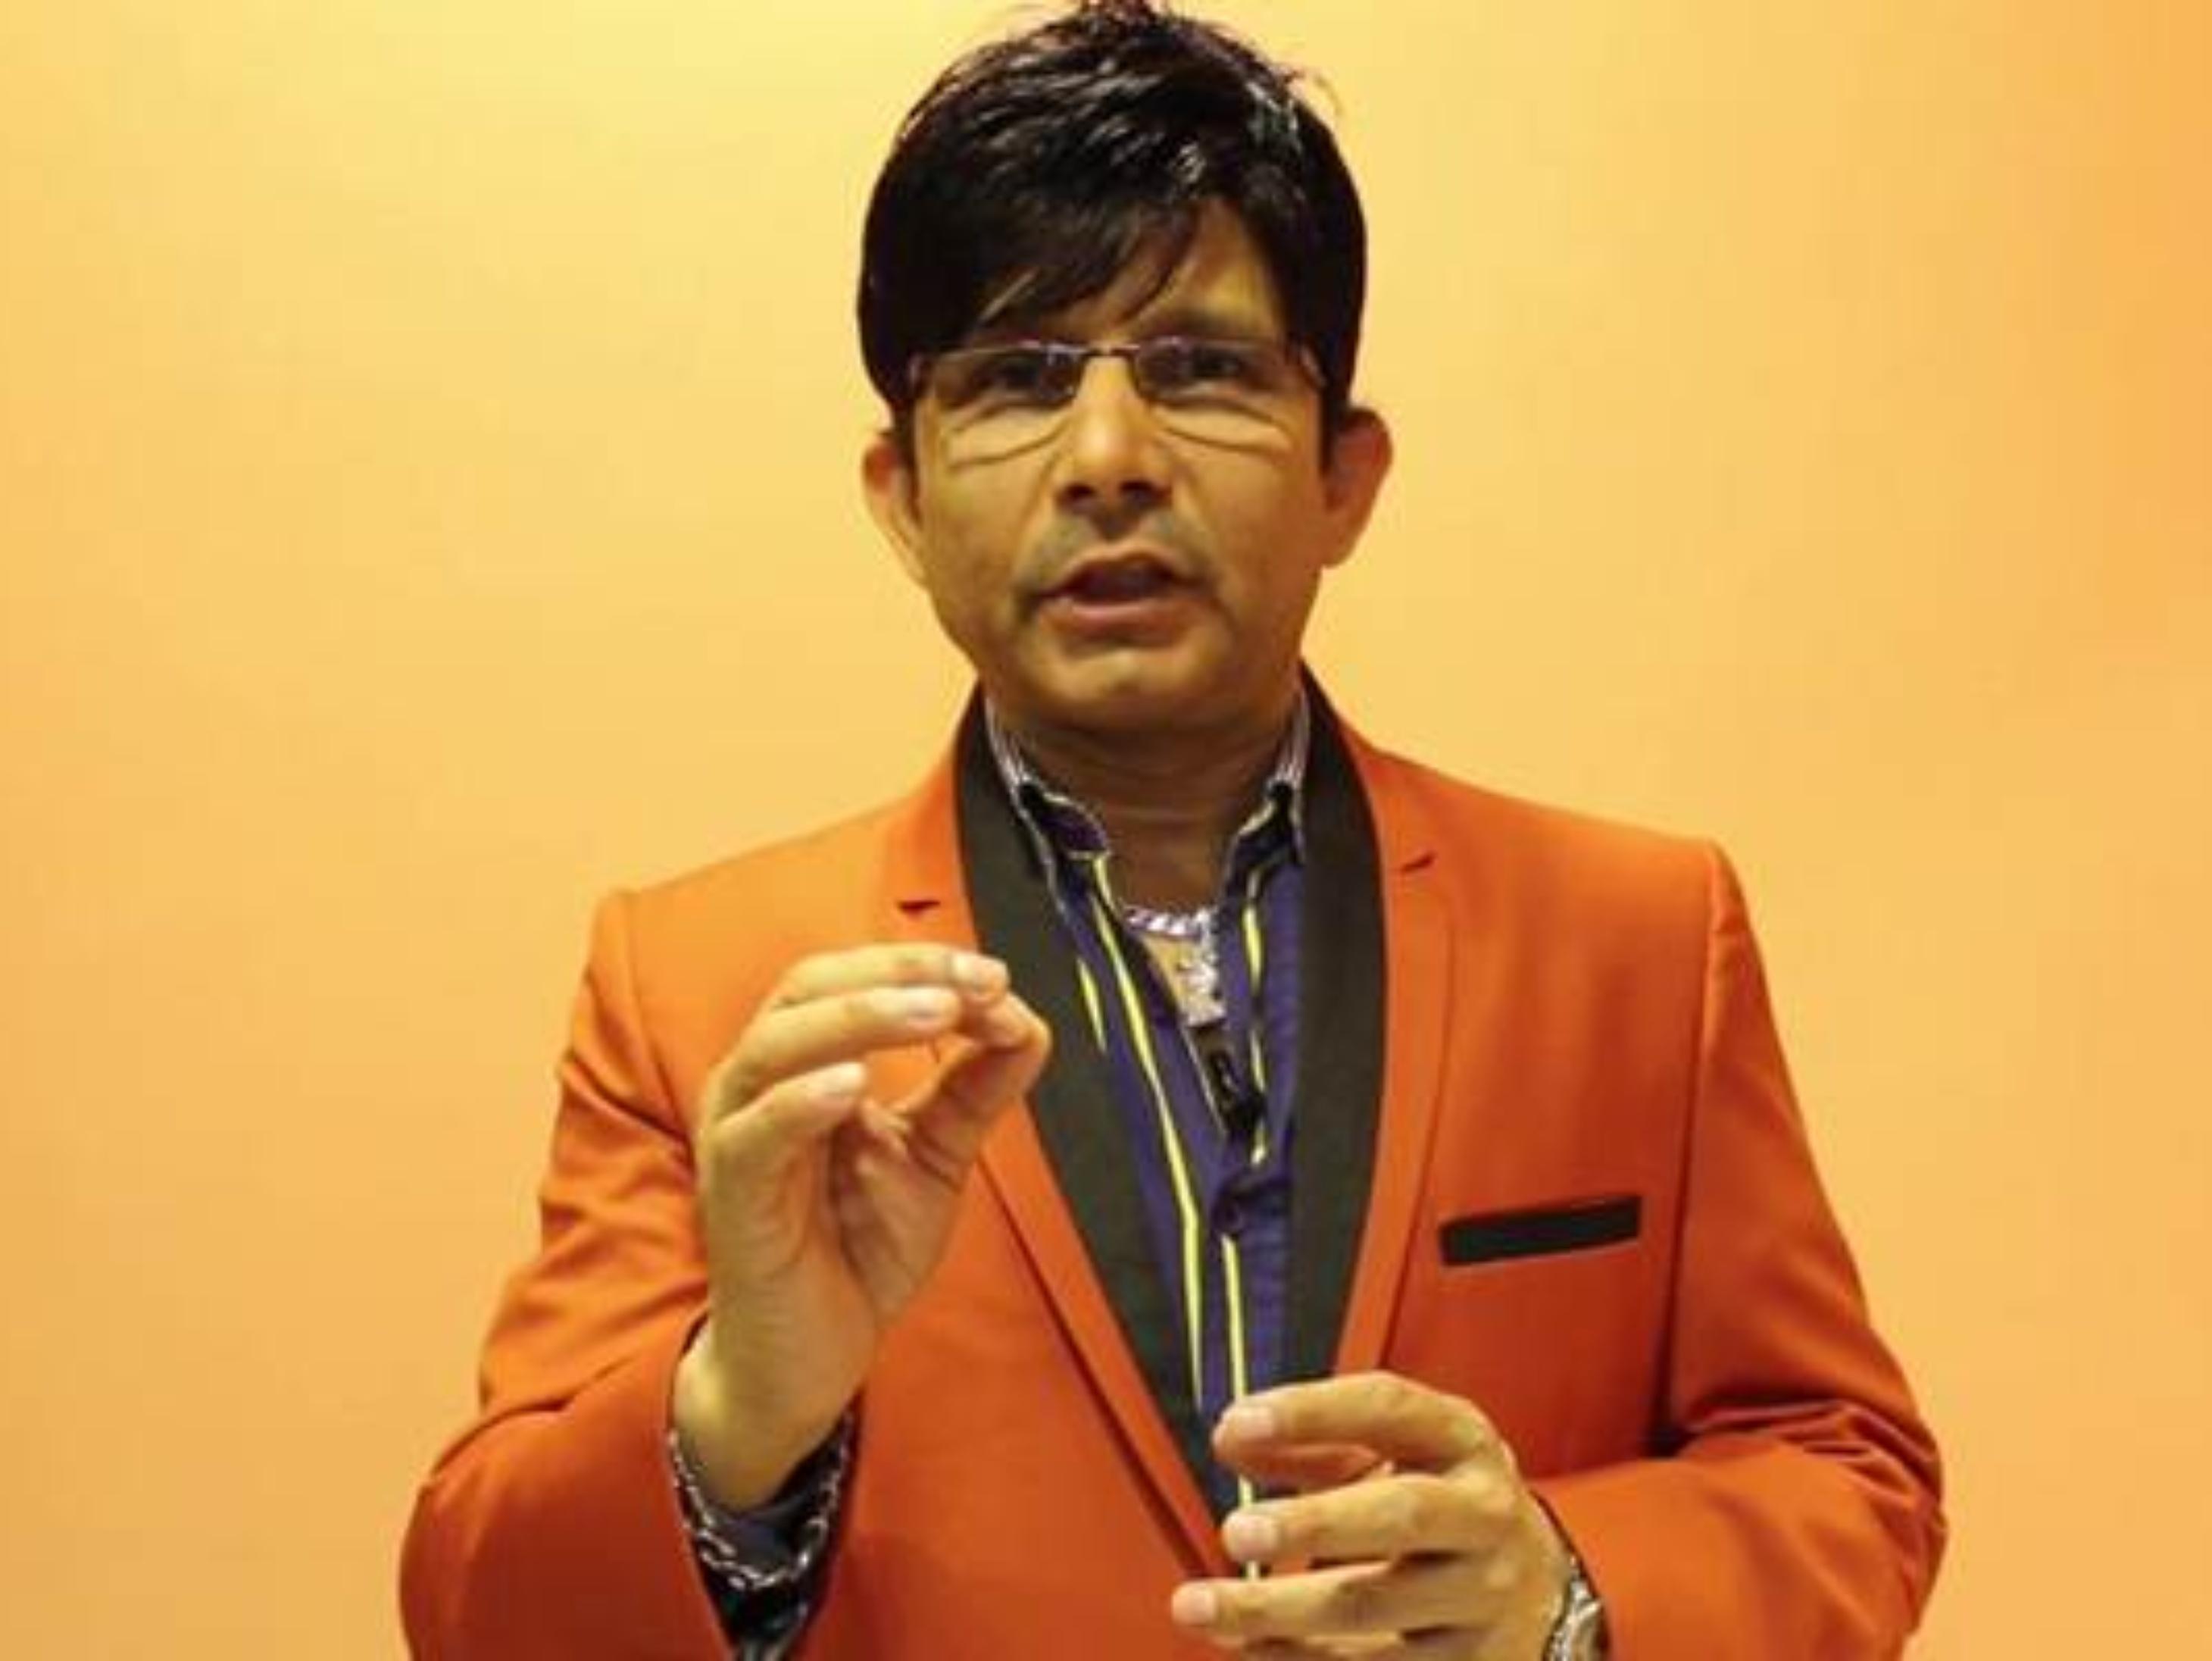 कमाल बोले - उन्हें डर है कि अक्षय कुमार की अपकमिंग फिल्म 'बेल बॉटम' की असलियत बाहर ना आ जाए बॉलीवुड,Bollywood - Dainik Bhaskar